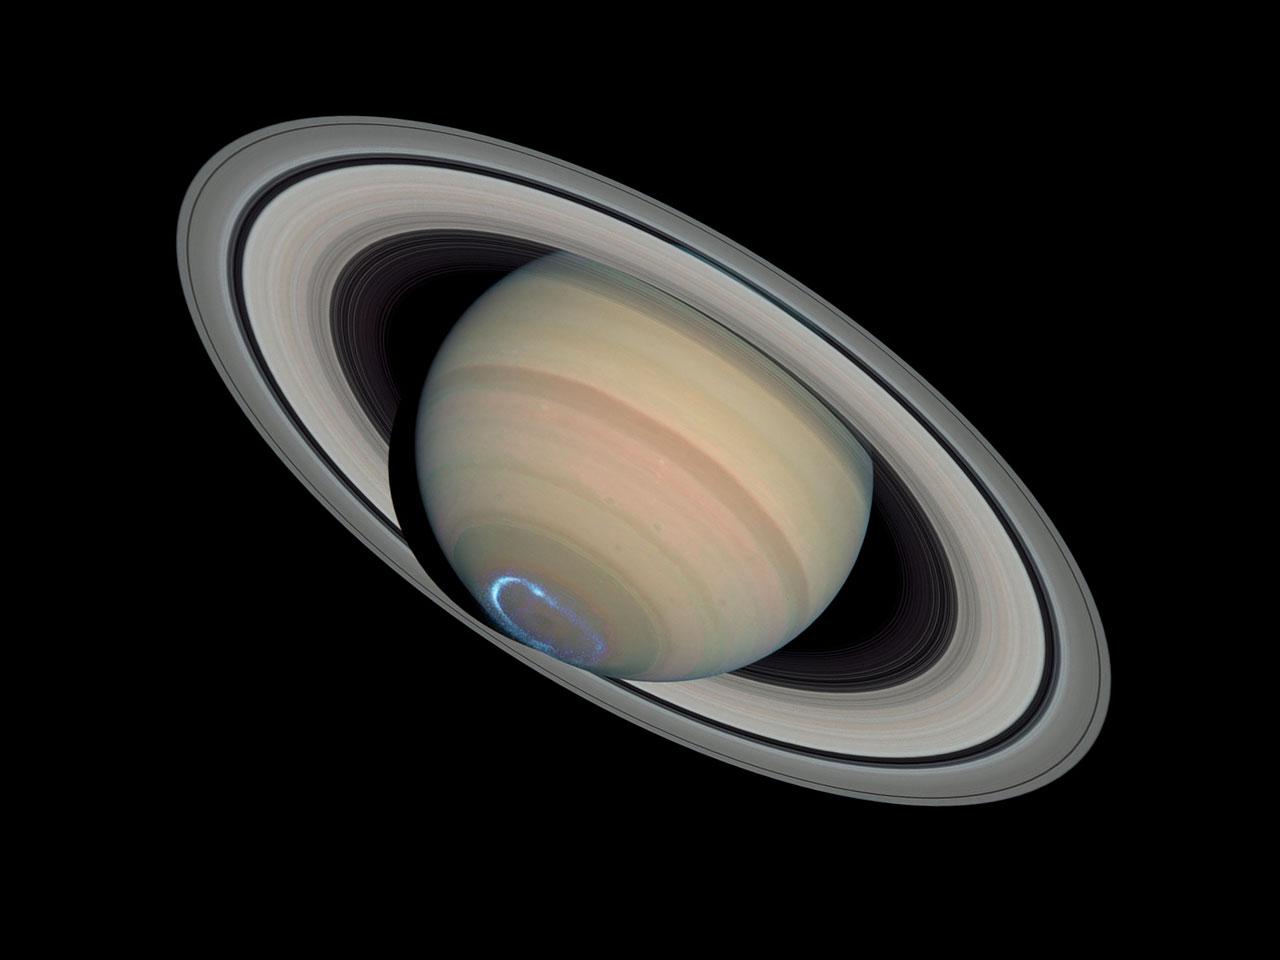 Saturn's dynamic aurorae 1 (Jan 24, 2004)